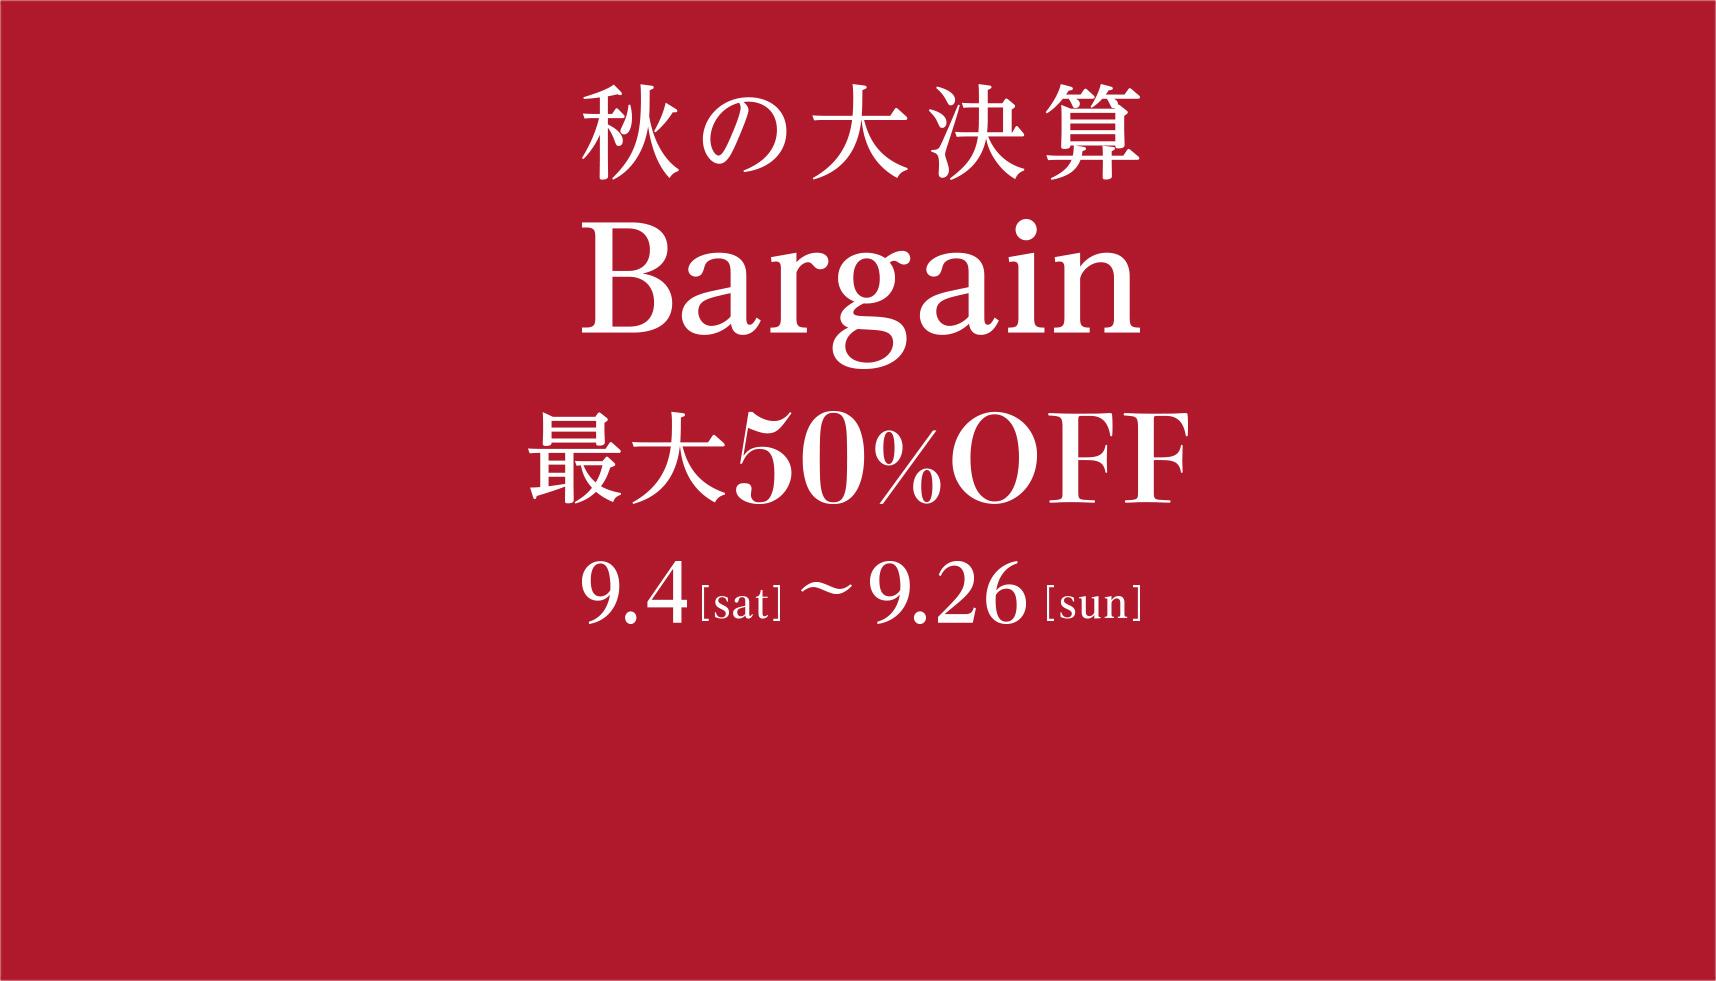 秋の大決算 Bargain 9.4[sat]~9.26[sun]